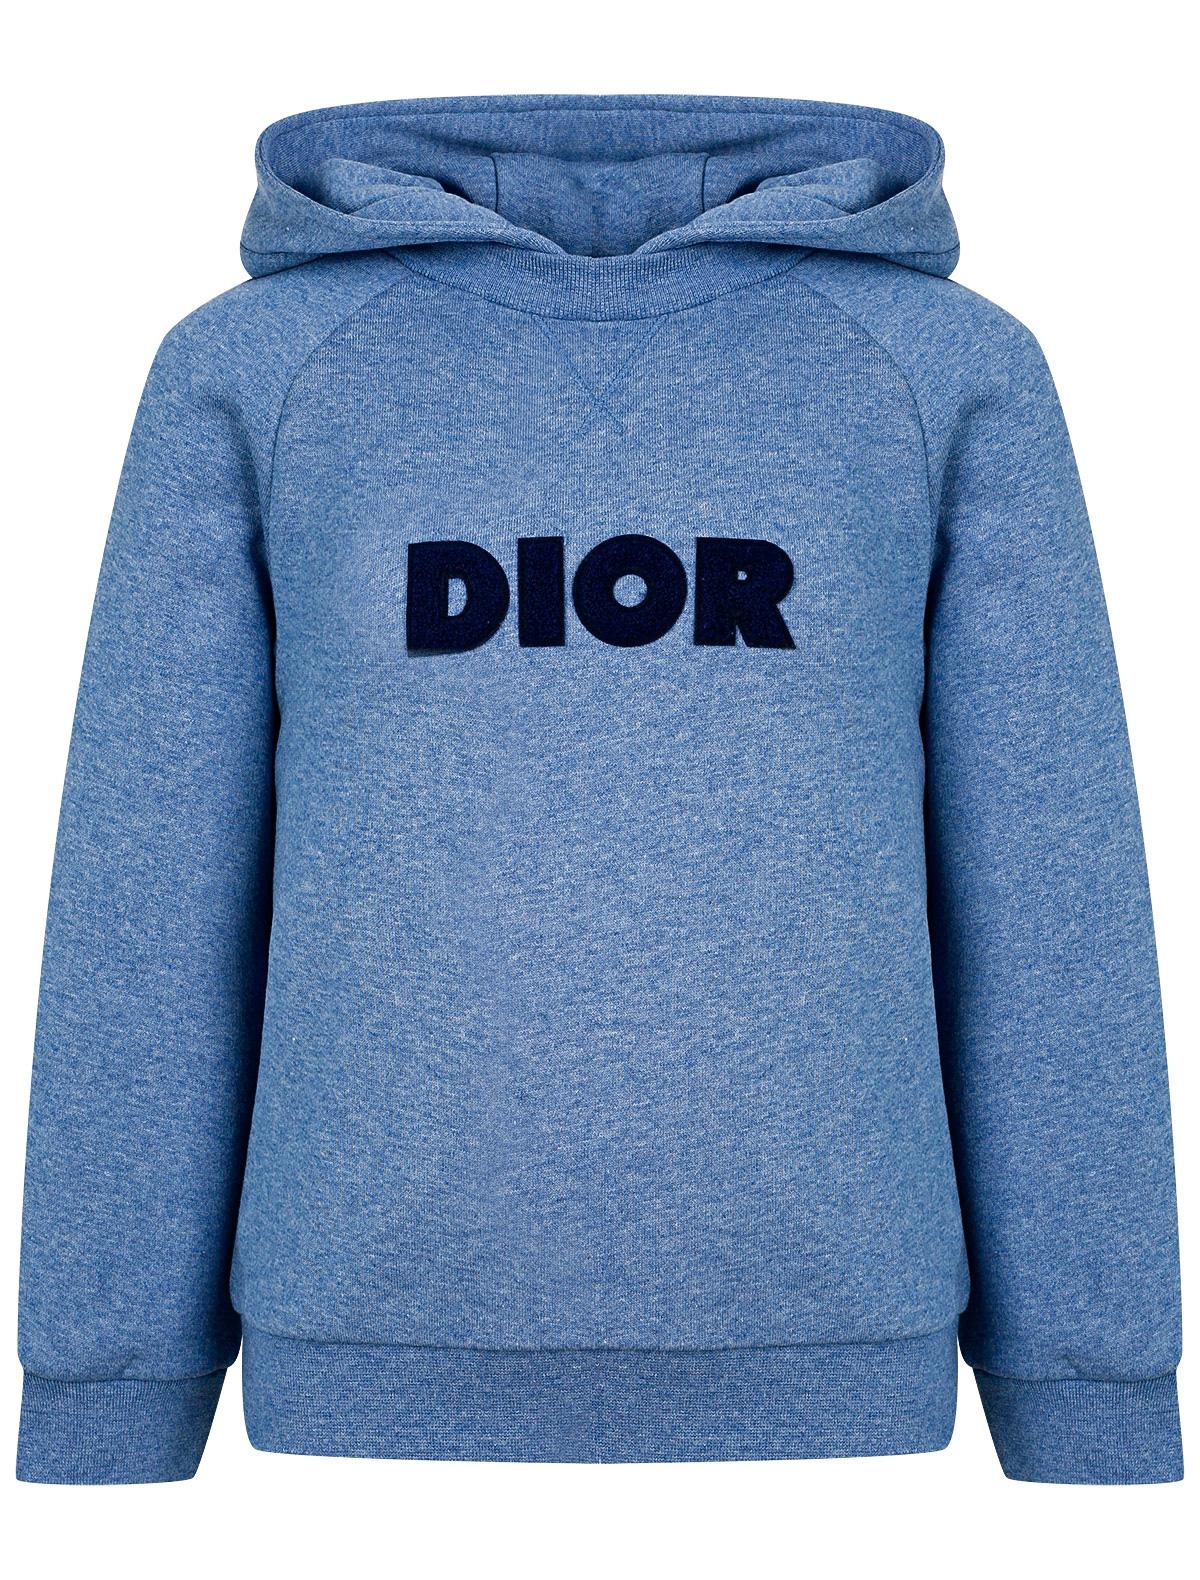 Купить 2245204, Худи Dior, синий, Мужской, 0094519082244